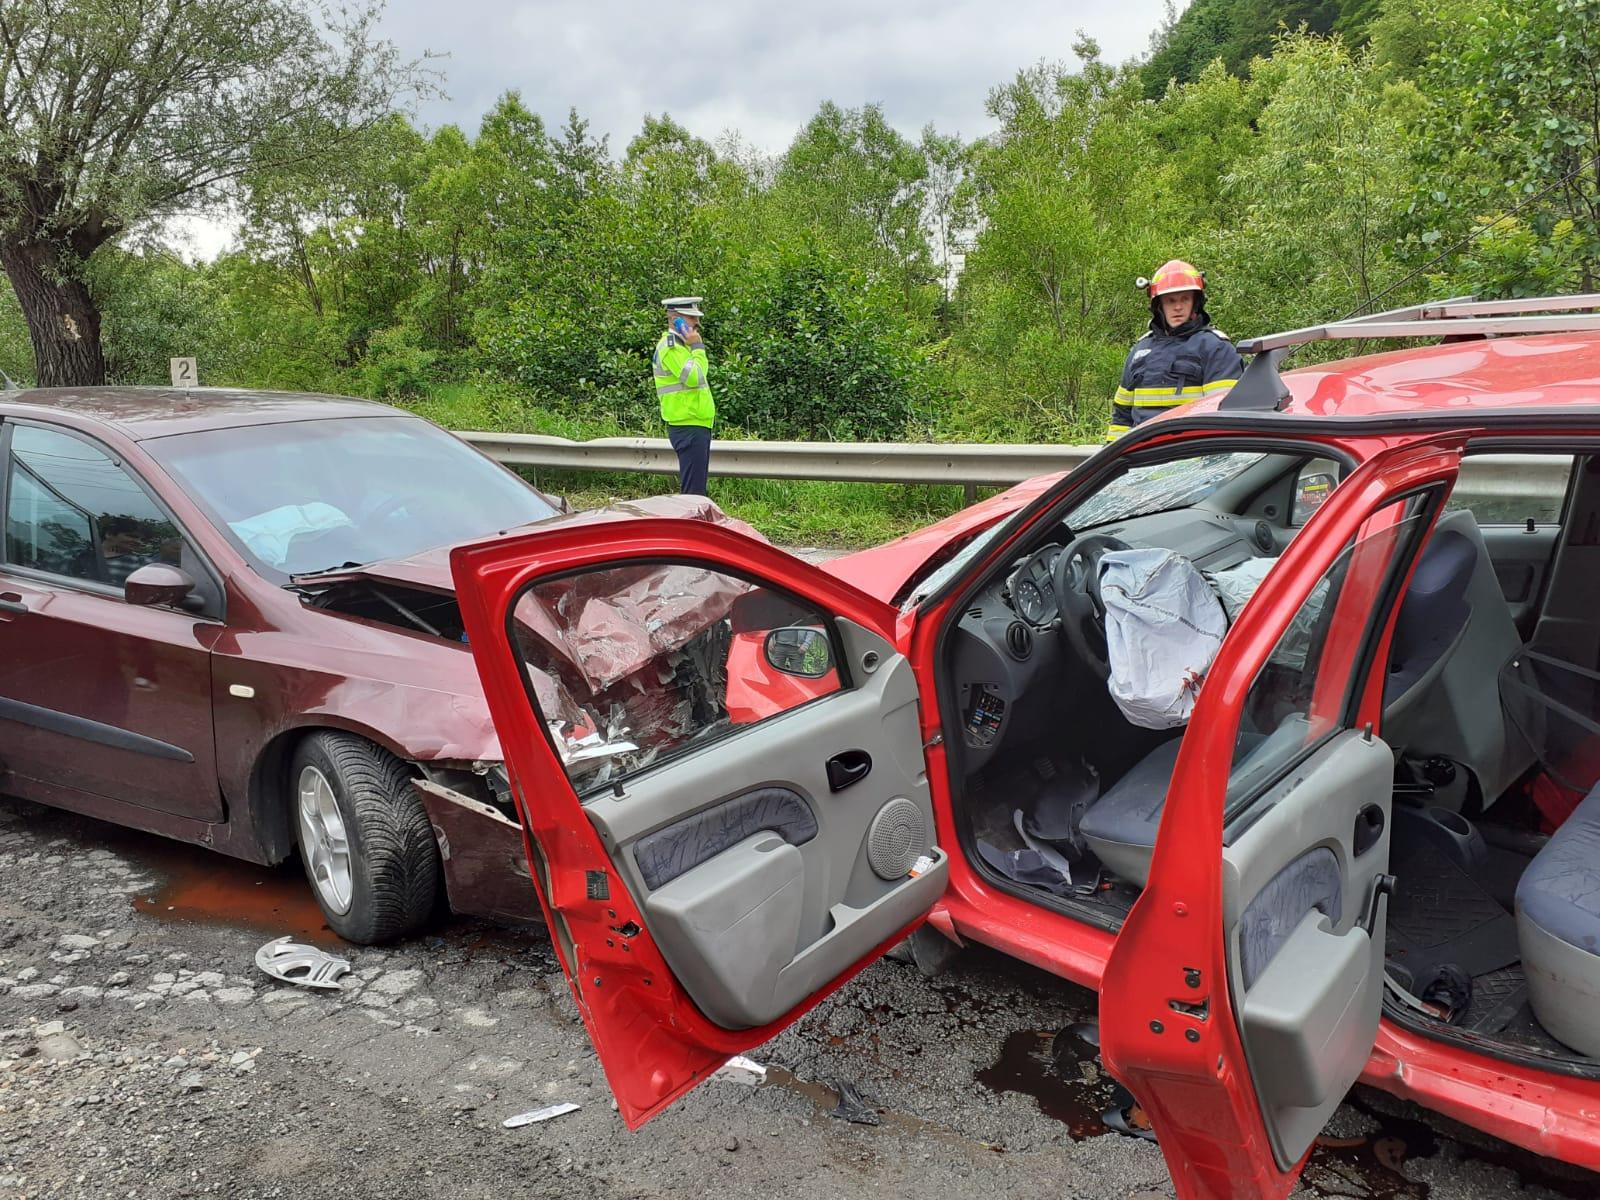 (FOTO/VODEO) Grav accident rutier pe DN 66, în Petroşani. Patru persoane au fost rănite